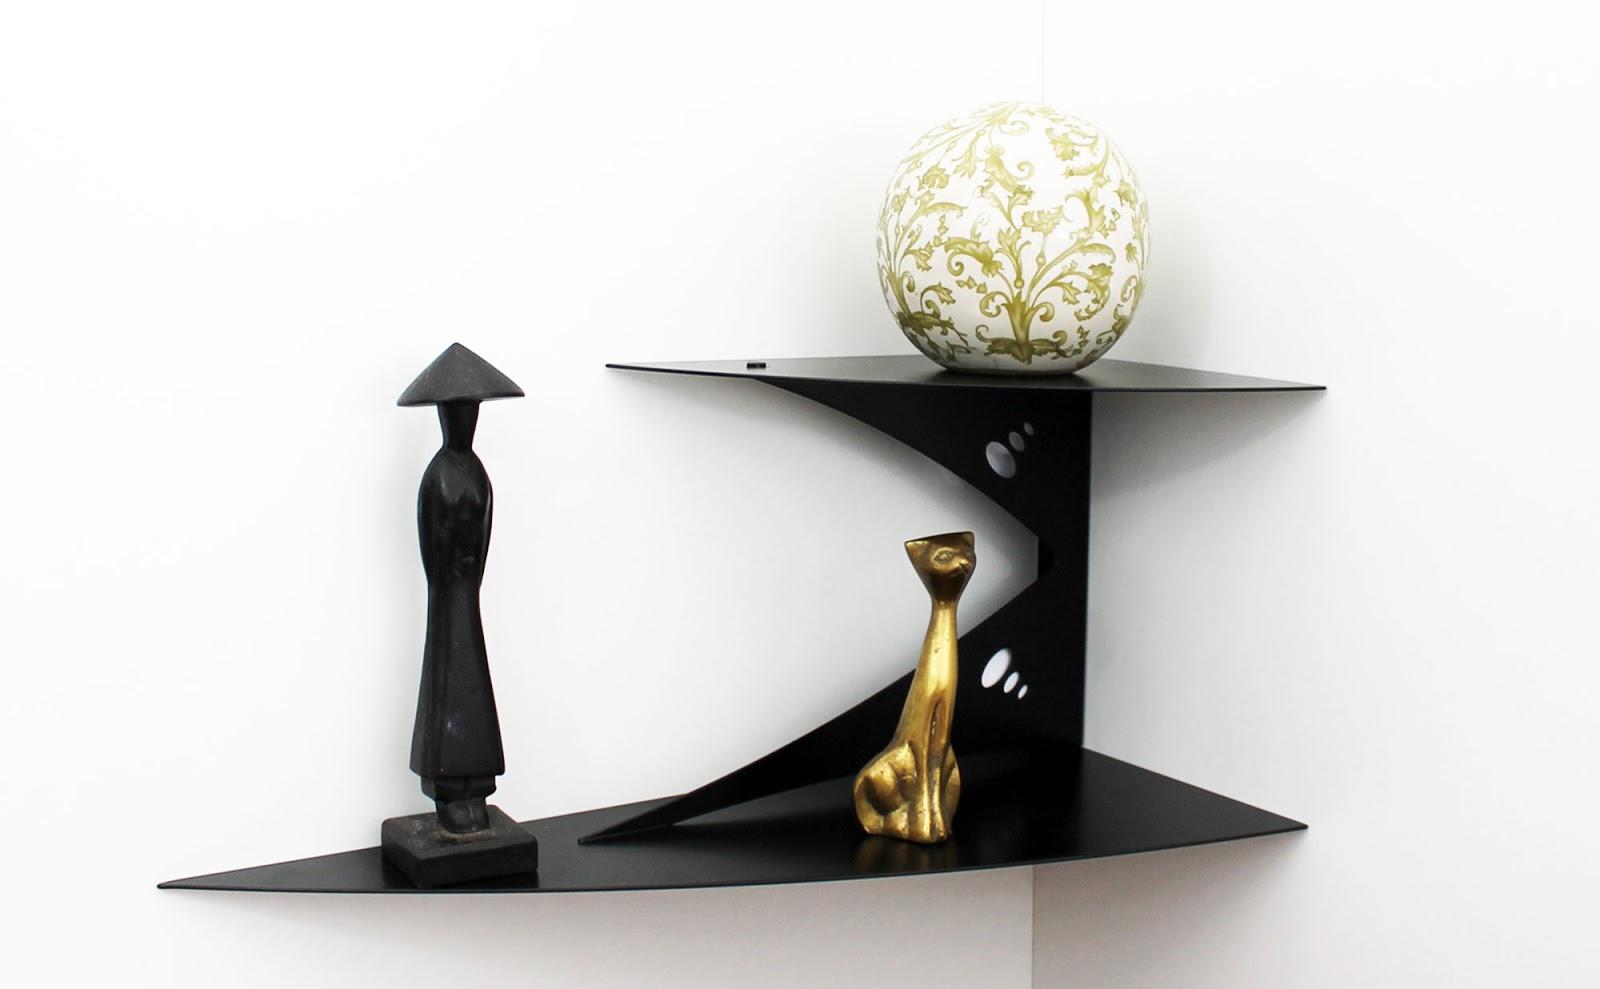 Objectal objets design pour d coration d 39 int rieur nouvelles cr ations - Etagere murale salon ...